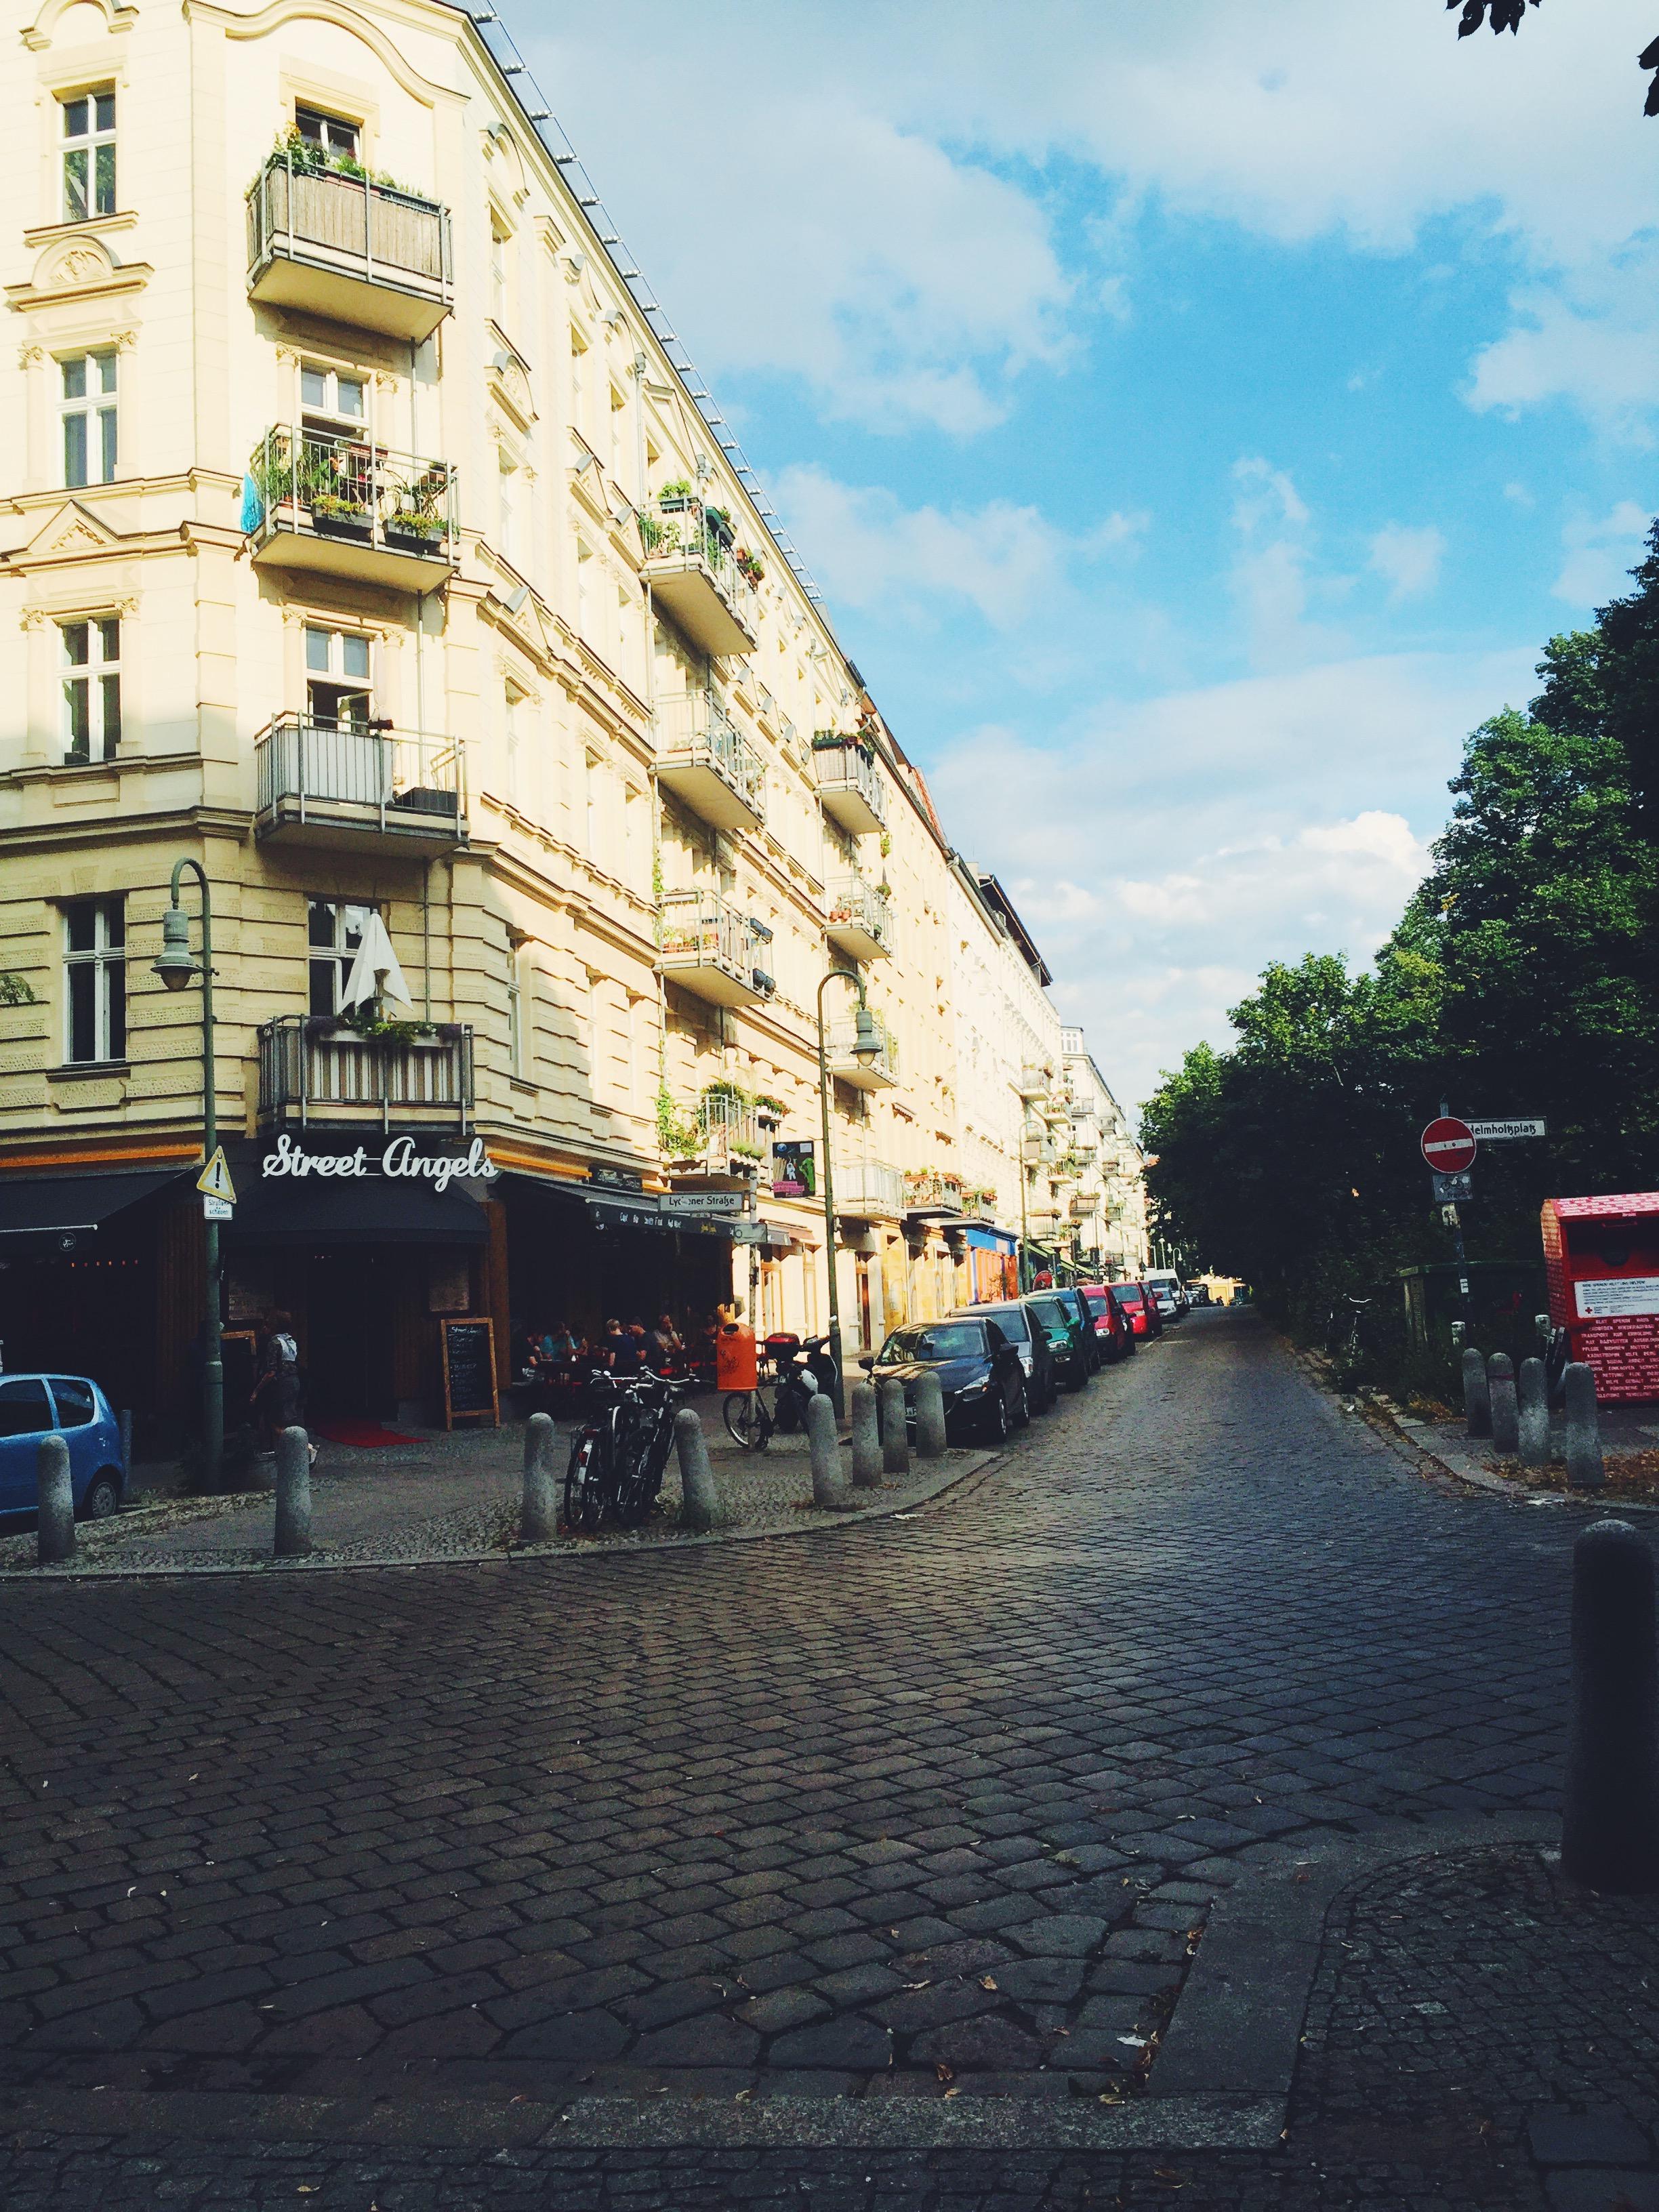 Prenzlauer Berg Neighborhood